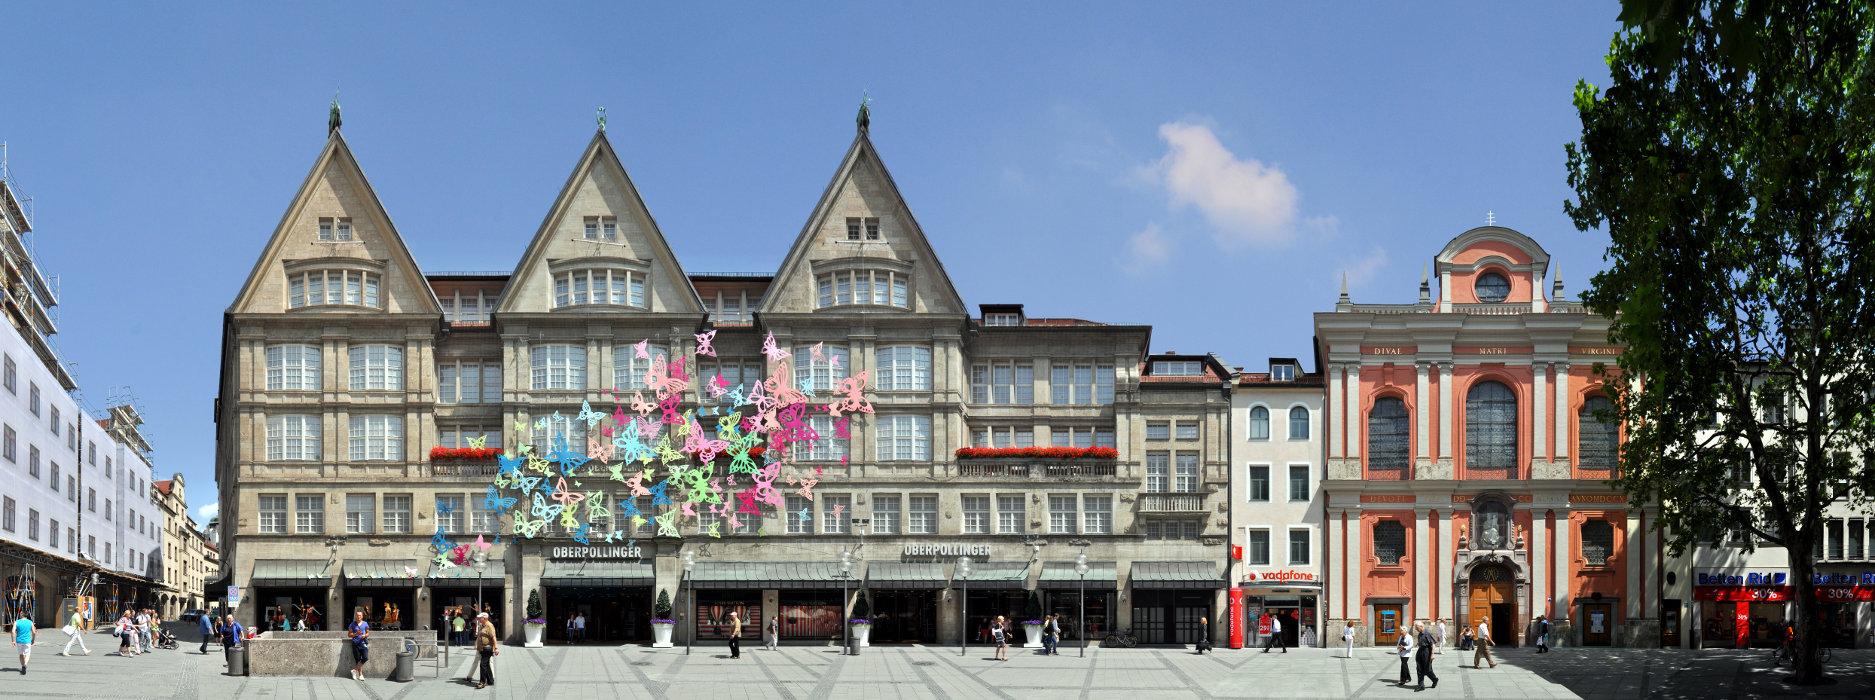 Oberpollinger, Kaufhaus in München, Neuhauser Straße